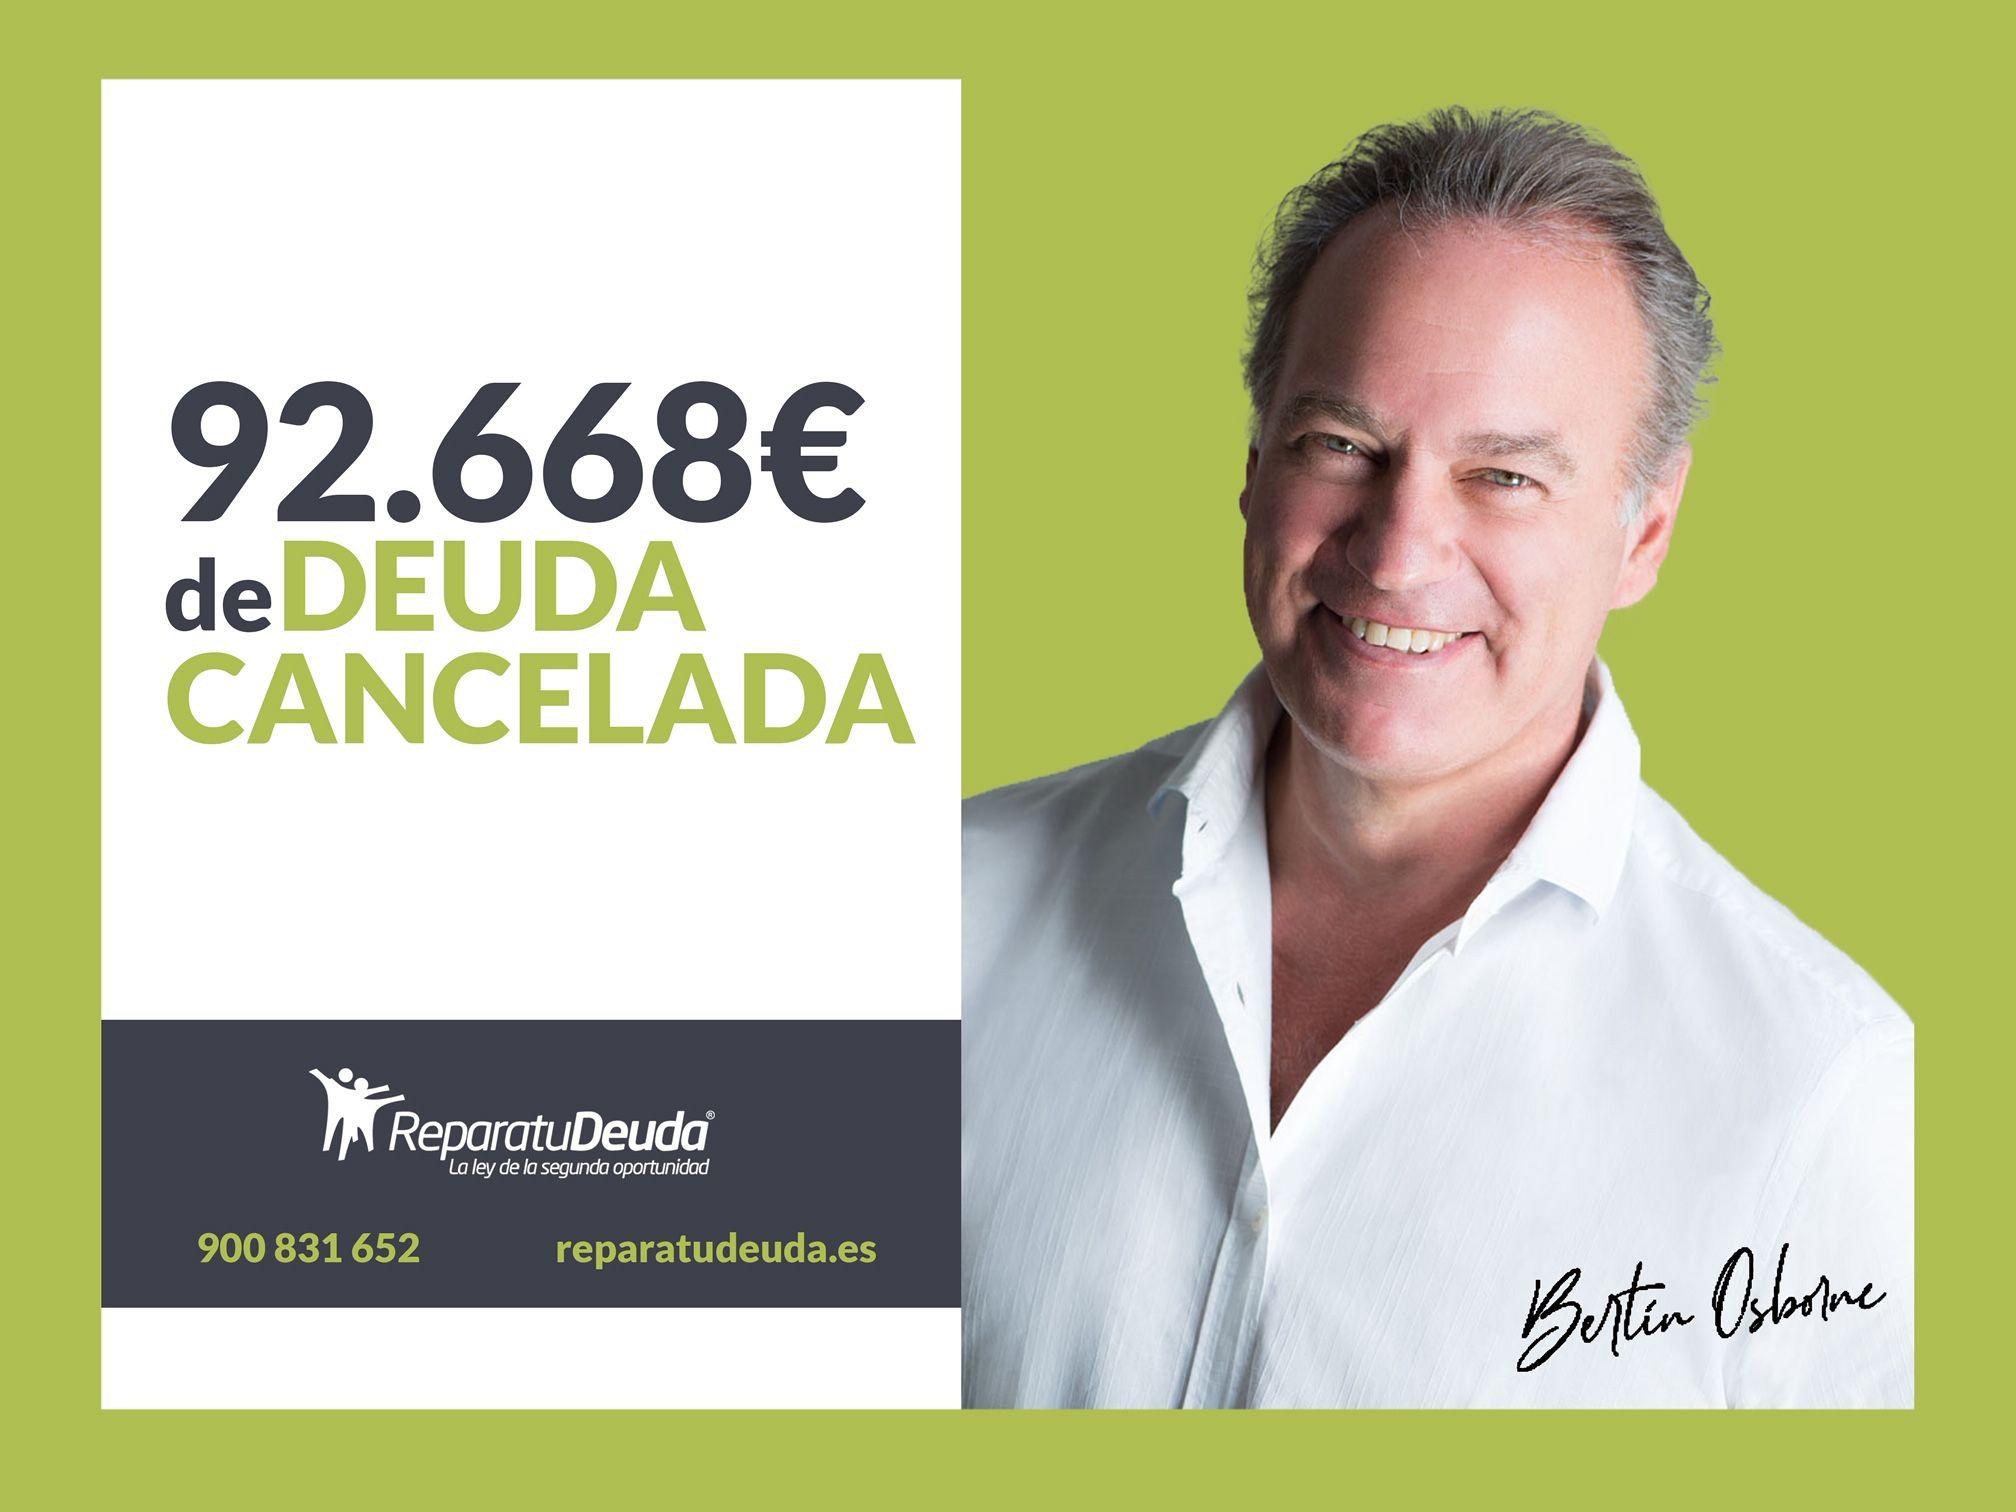 Repara tu Deuda cancela 92.668 ? en Castellbell i el Vilar (Manresa) con la Ley de Segunda Oportunidad